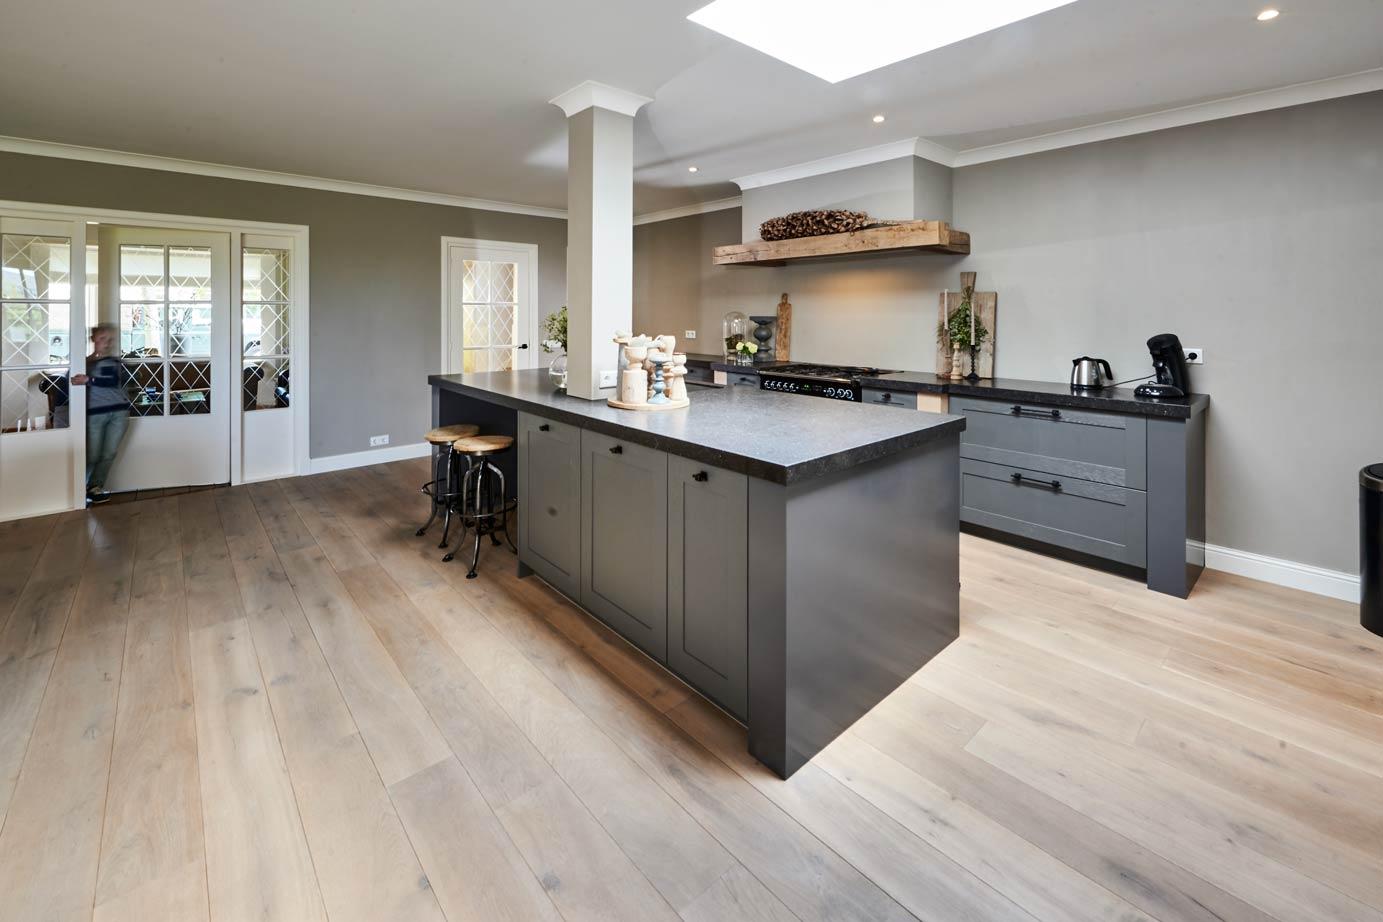 Super Landelijk moderne keuken met eiland in Zeeland? Lees klantervaring #MX11